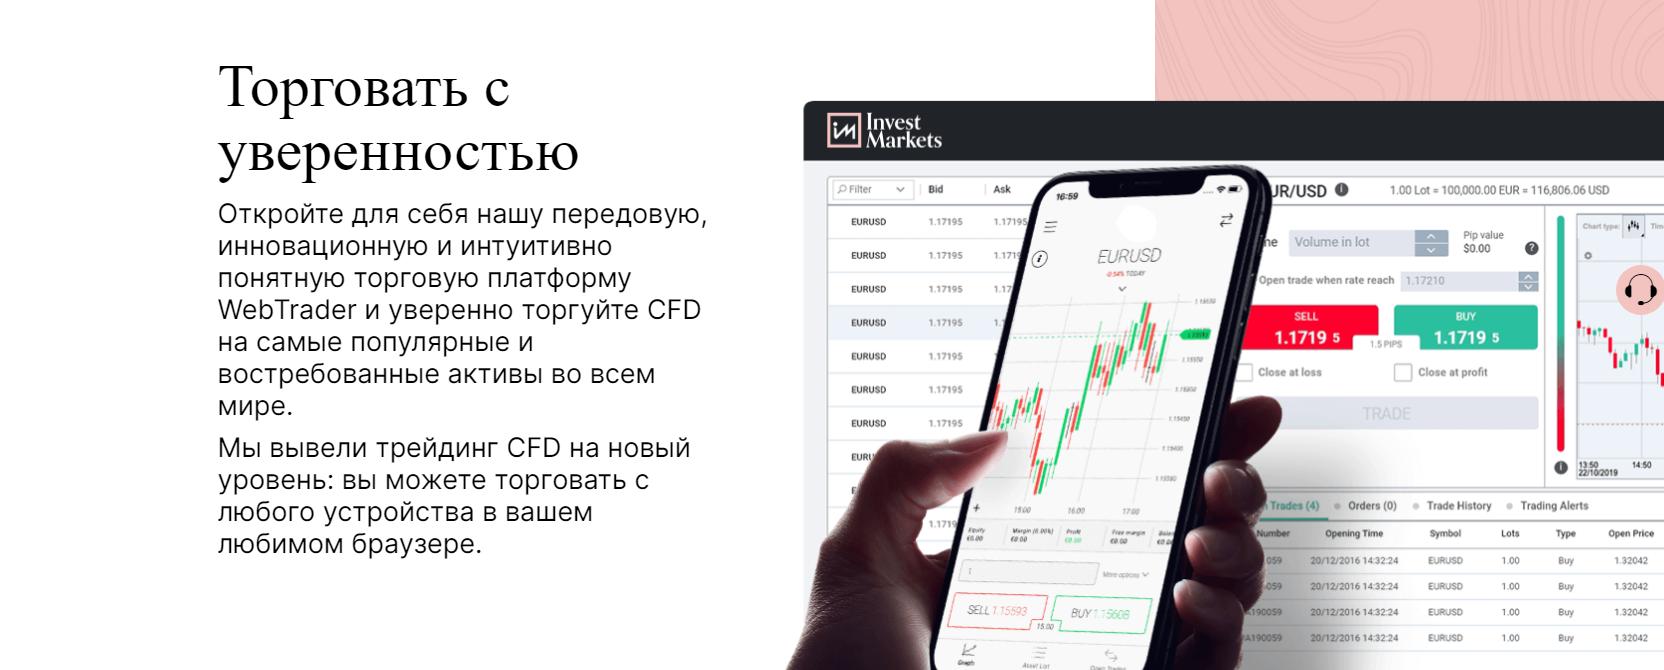 Что известно о платформе InvestMarkets?